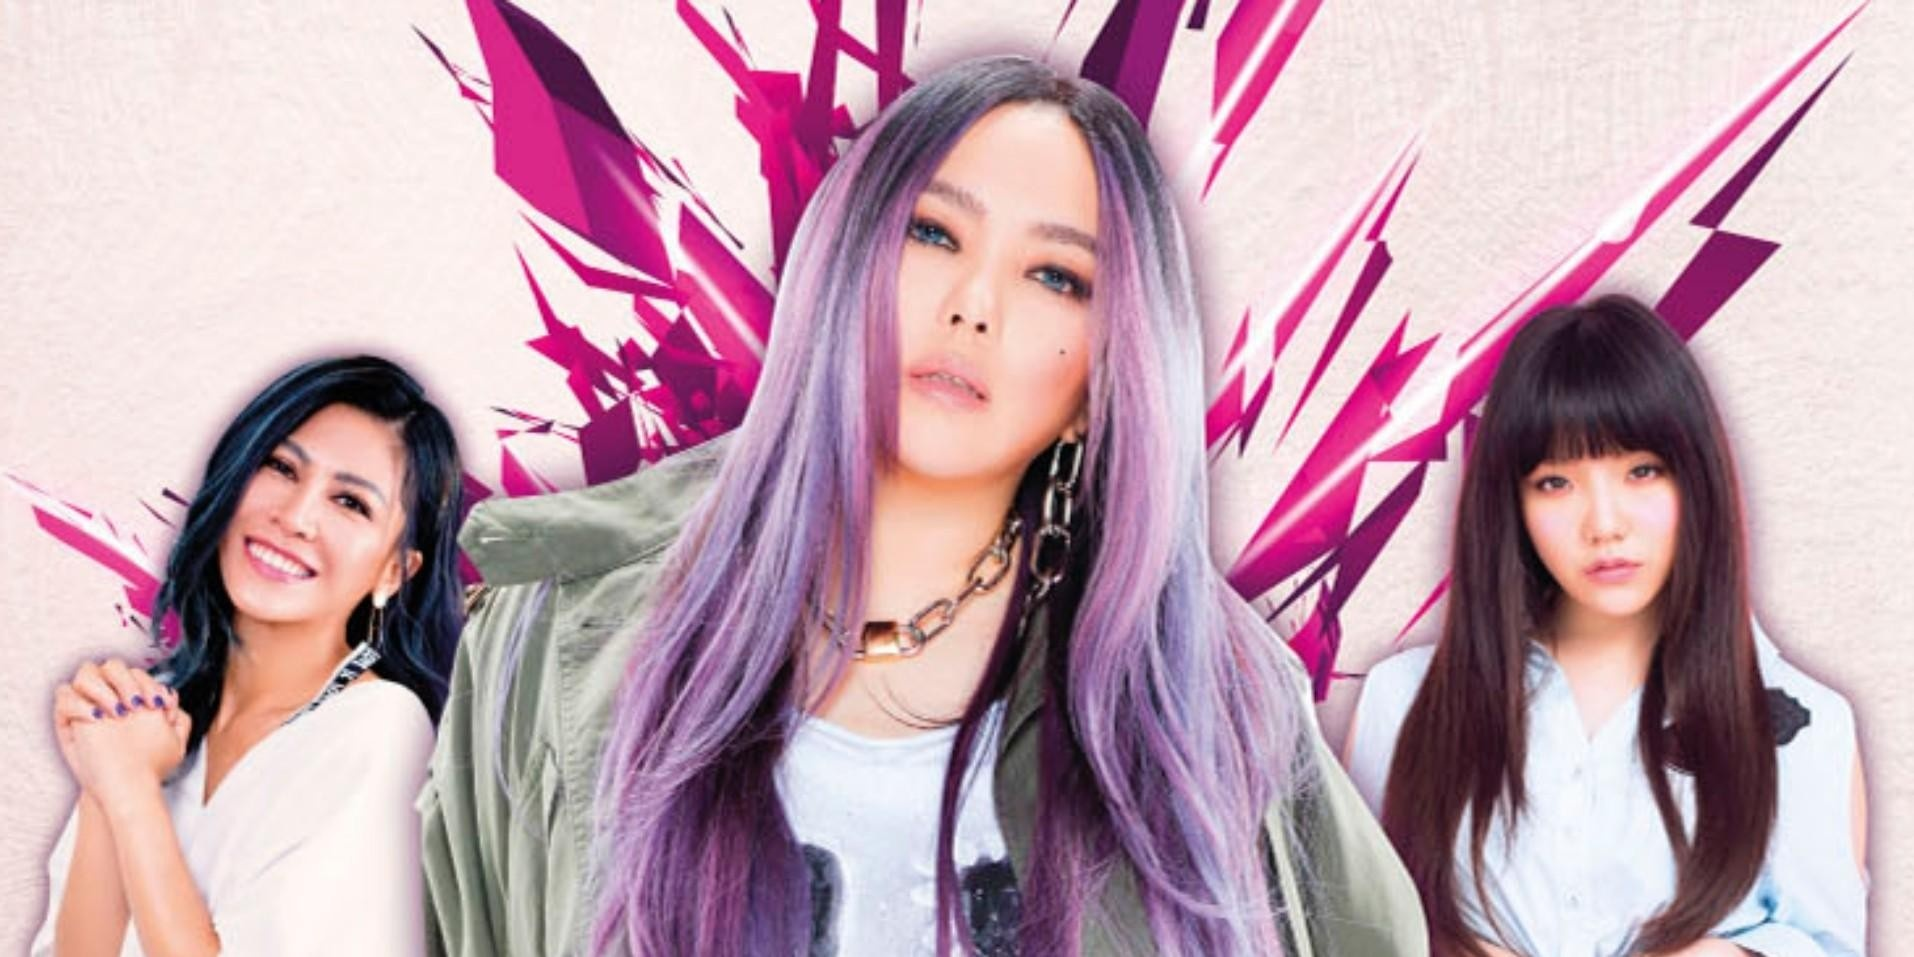 张惠妹安娜艾怡良携手来新加坡为2019新春音乐会献声